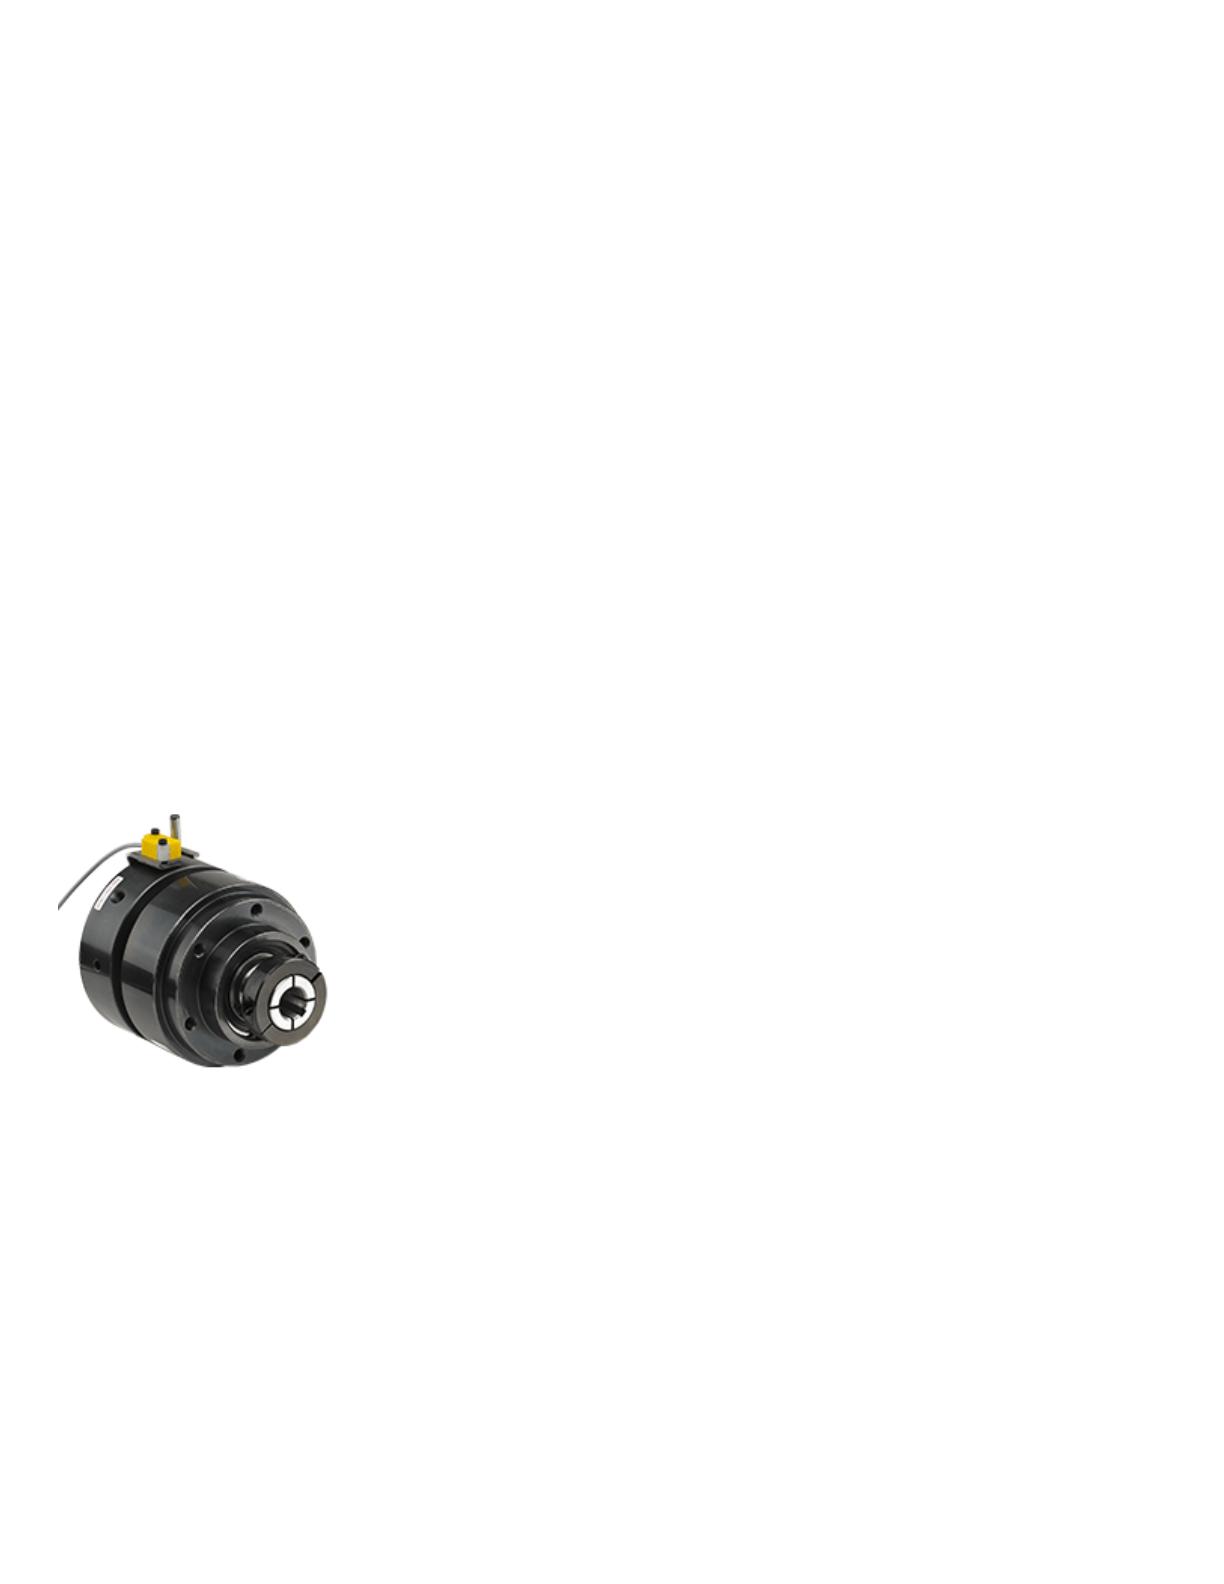 Open Air Engaged Torque Limiter Nexen 801595